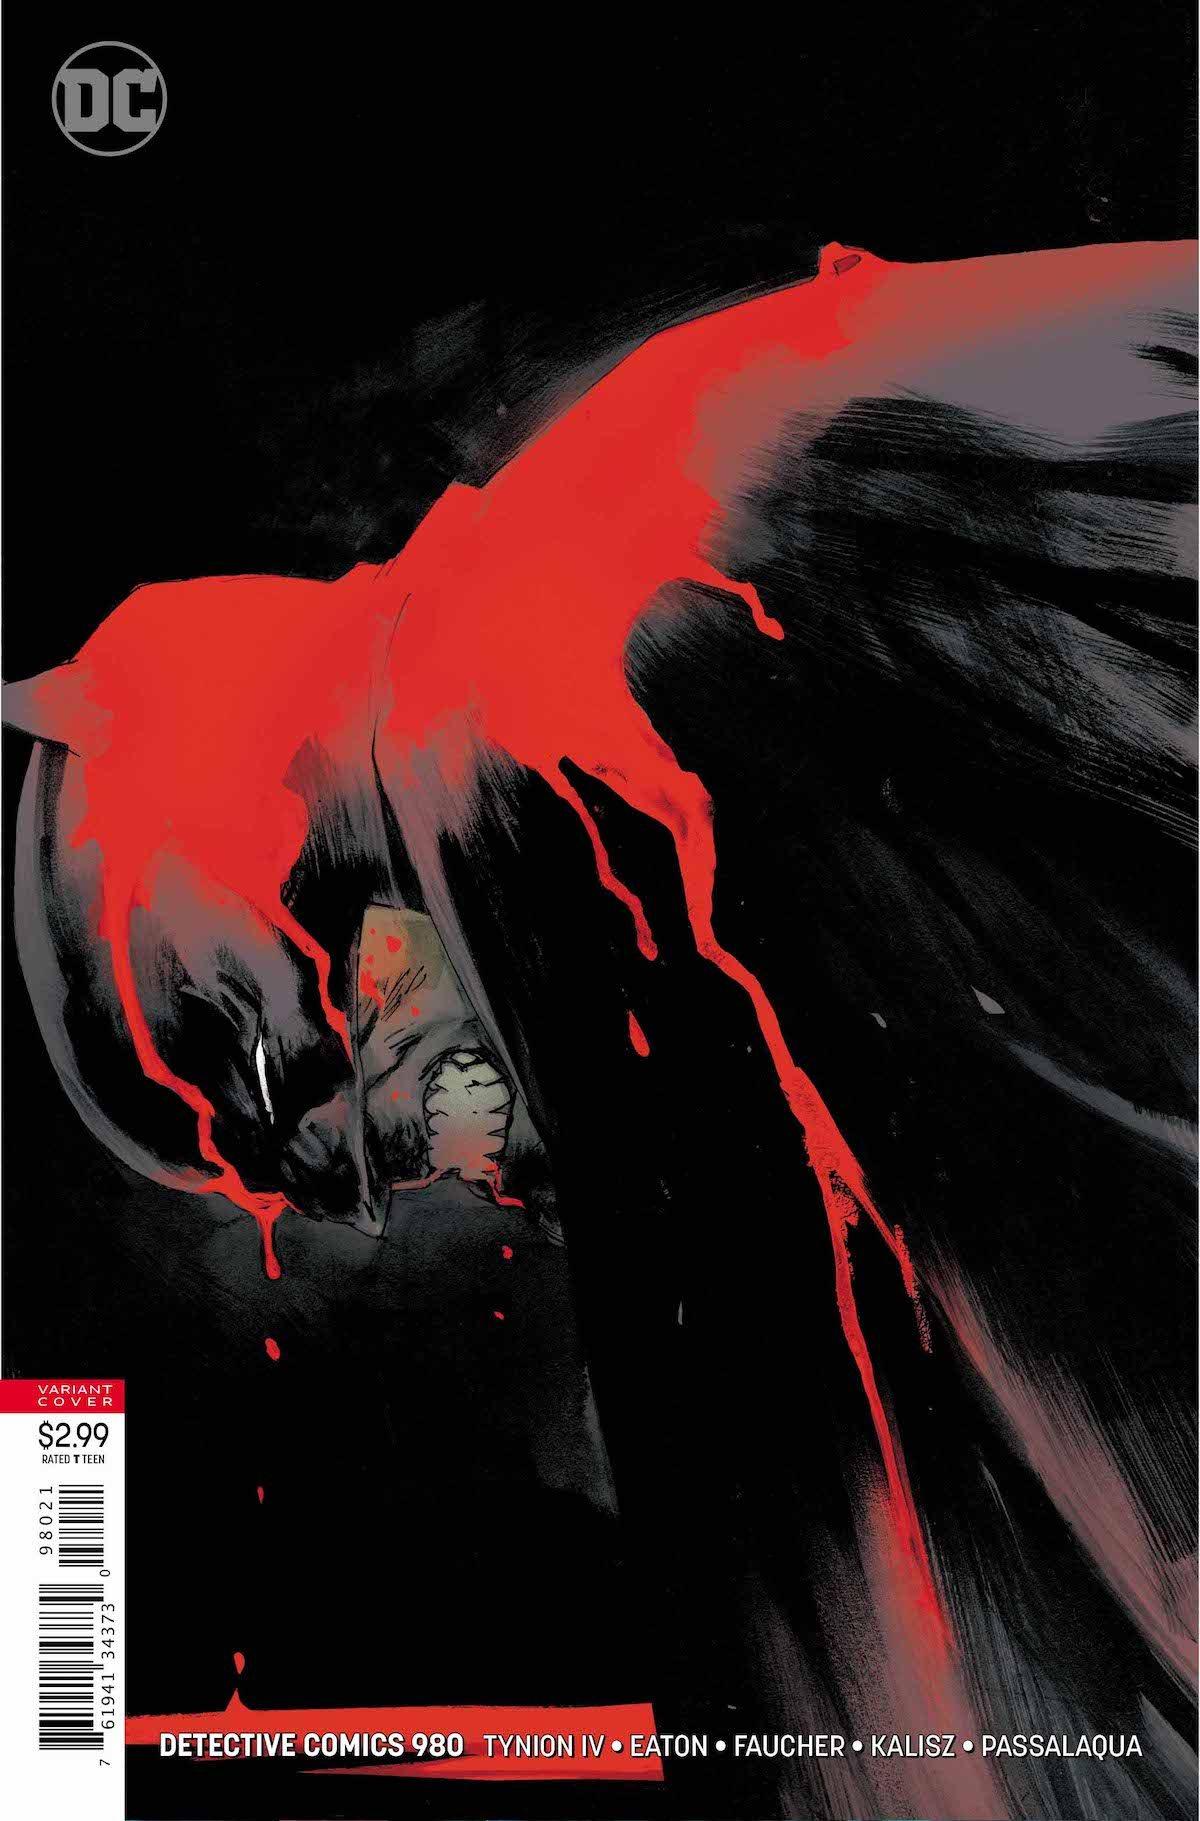 Detective Comics #980 variant cover